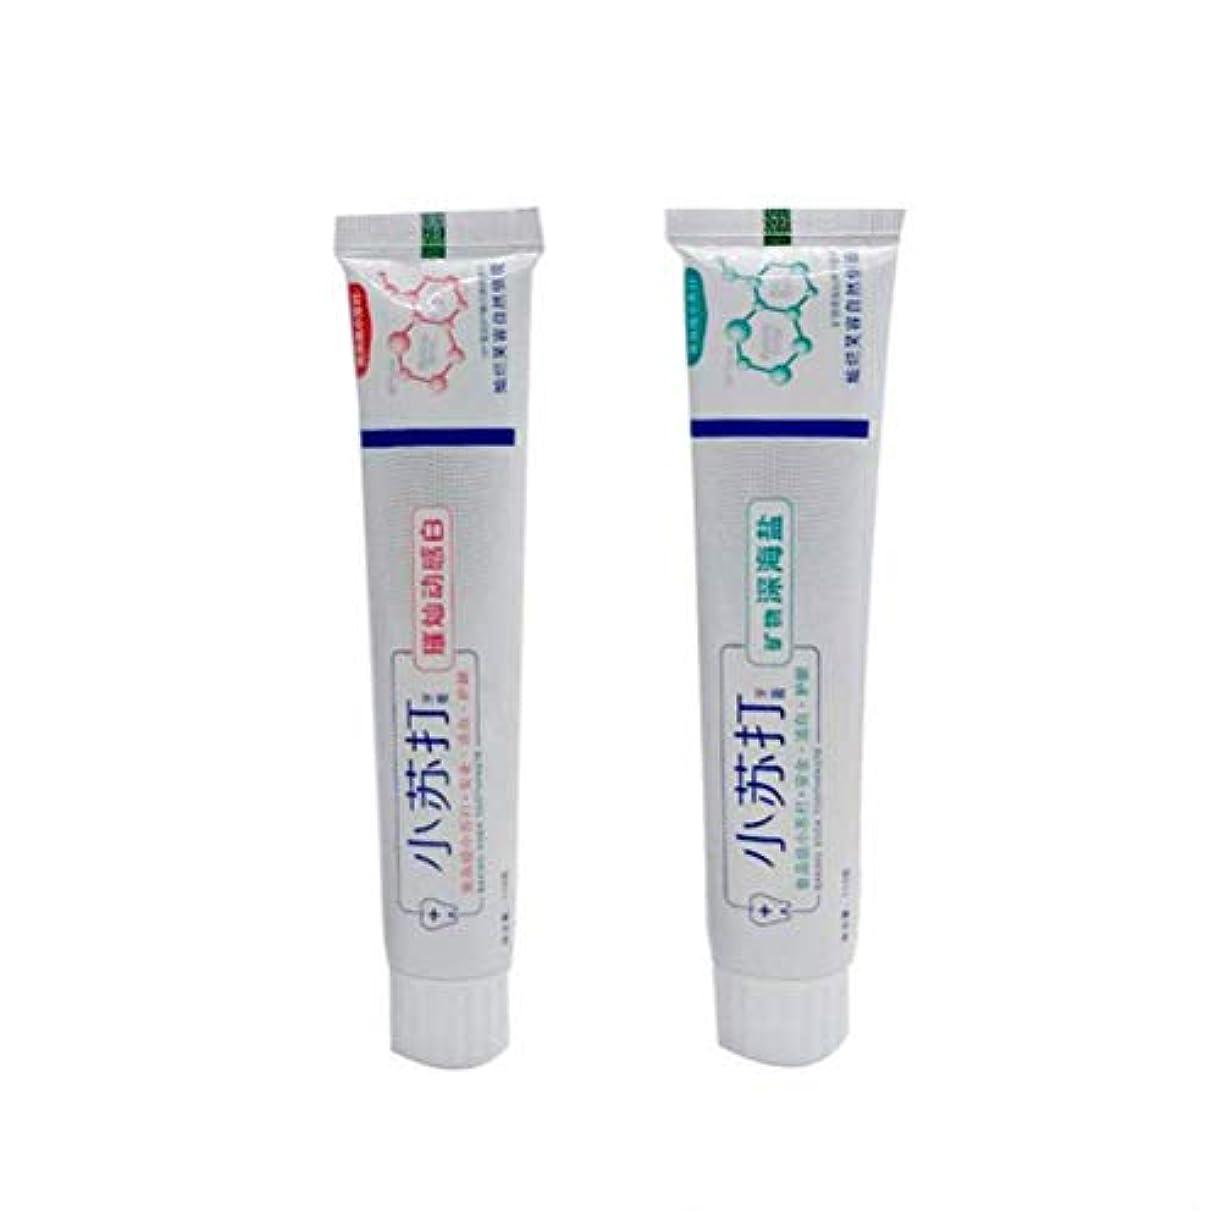 不確実オアシス統計Sefod 2PCS美白用歯磨き粉 小ソーダ 天然草本の精華 美白/歯周病予防